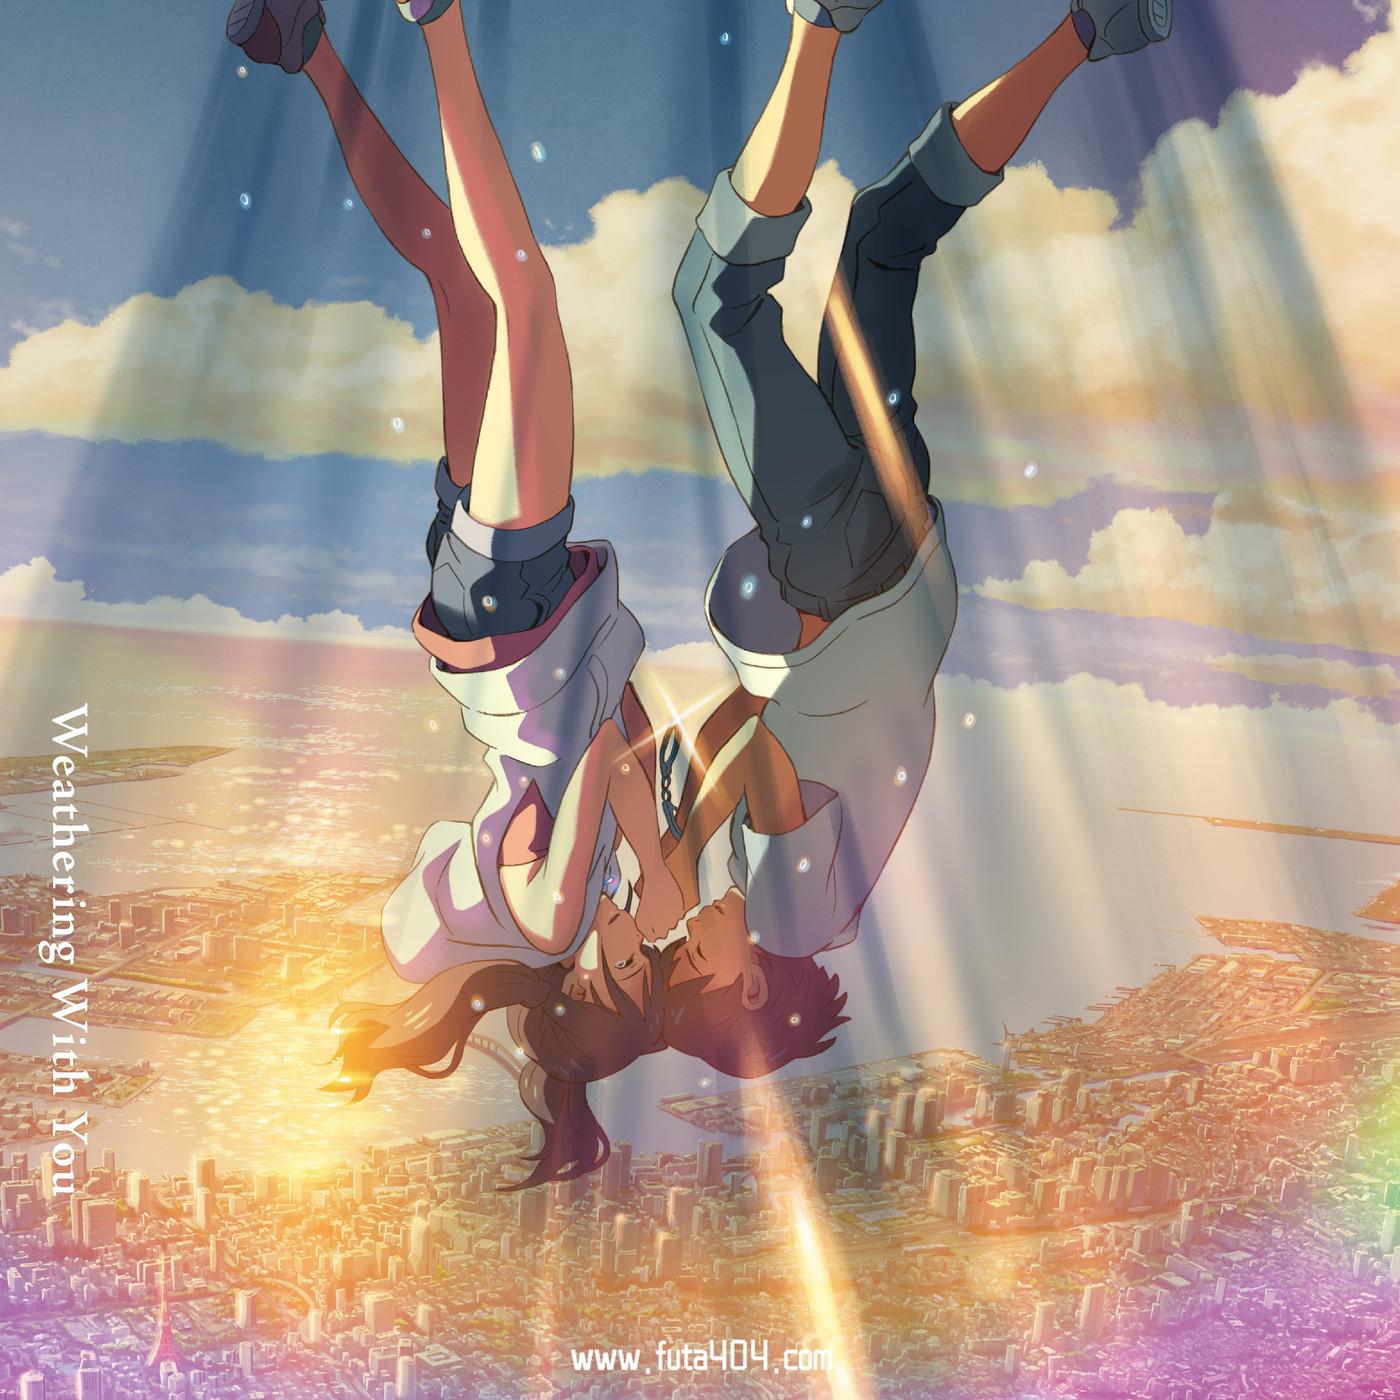 天气之子complete version专辑下载 RADWIMPS 动漫音乐 第1张